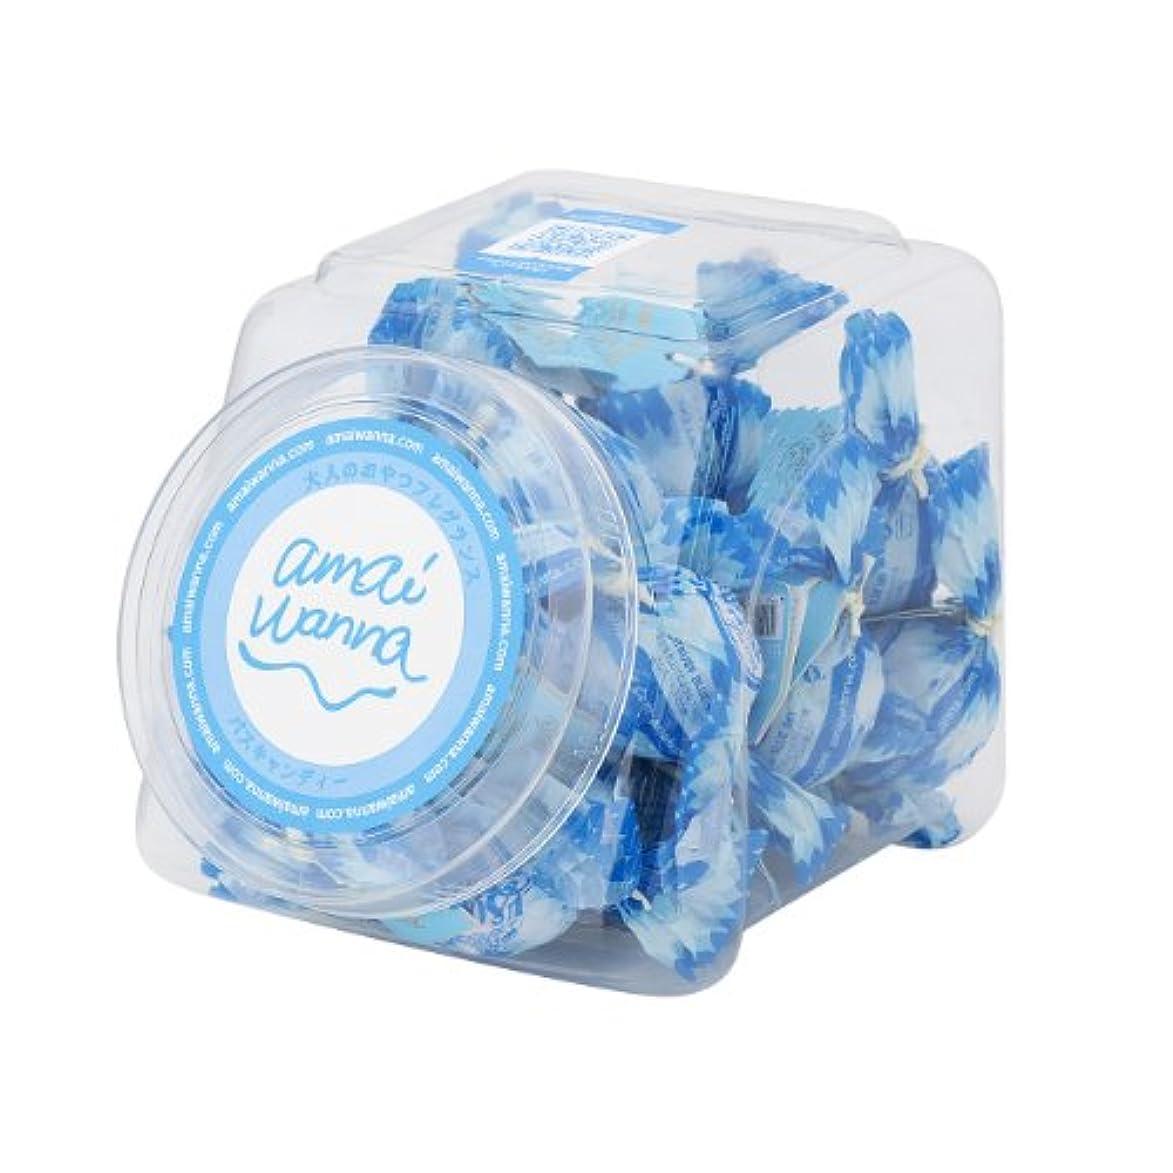 発明する多様な目に見えるアマイワナ バスキャンディーポットセット 青空シトラス